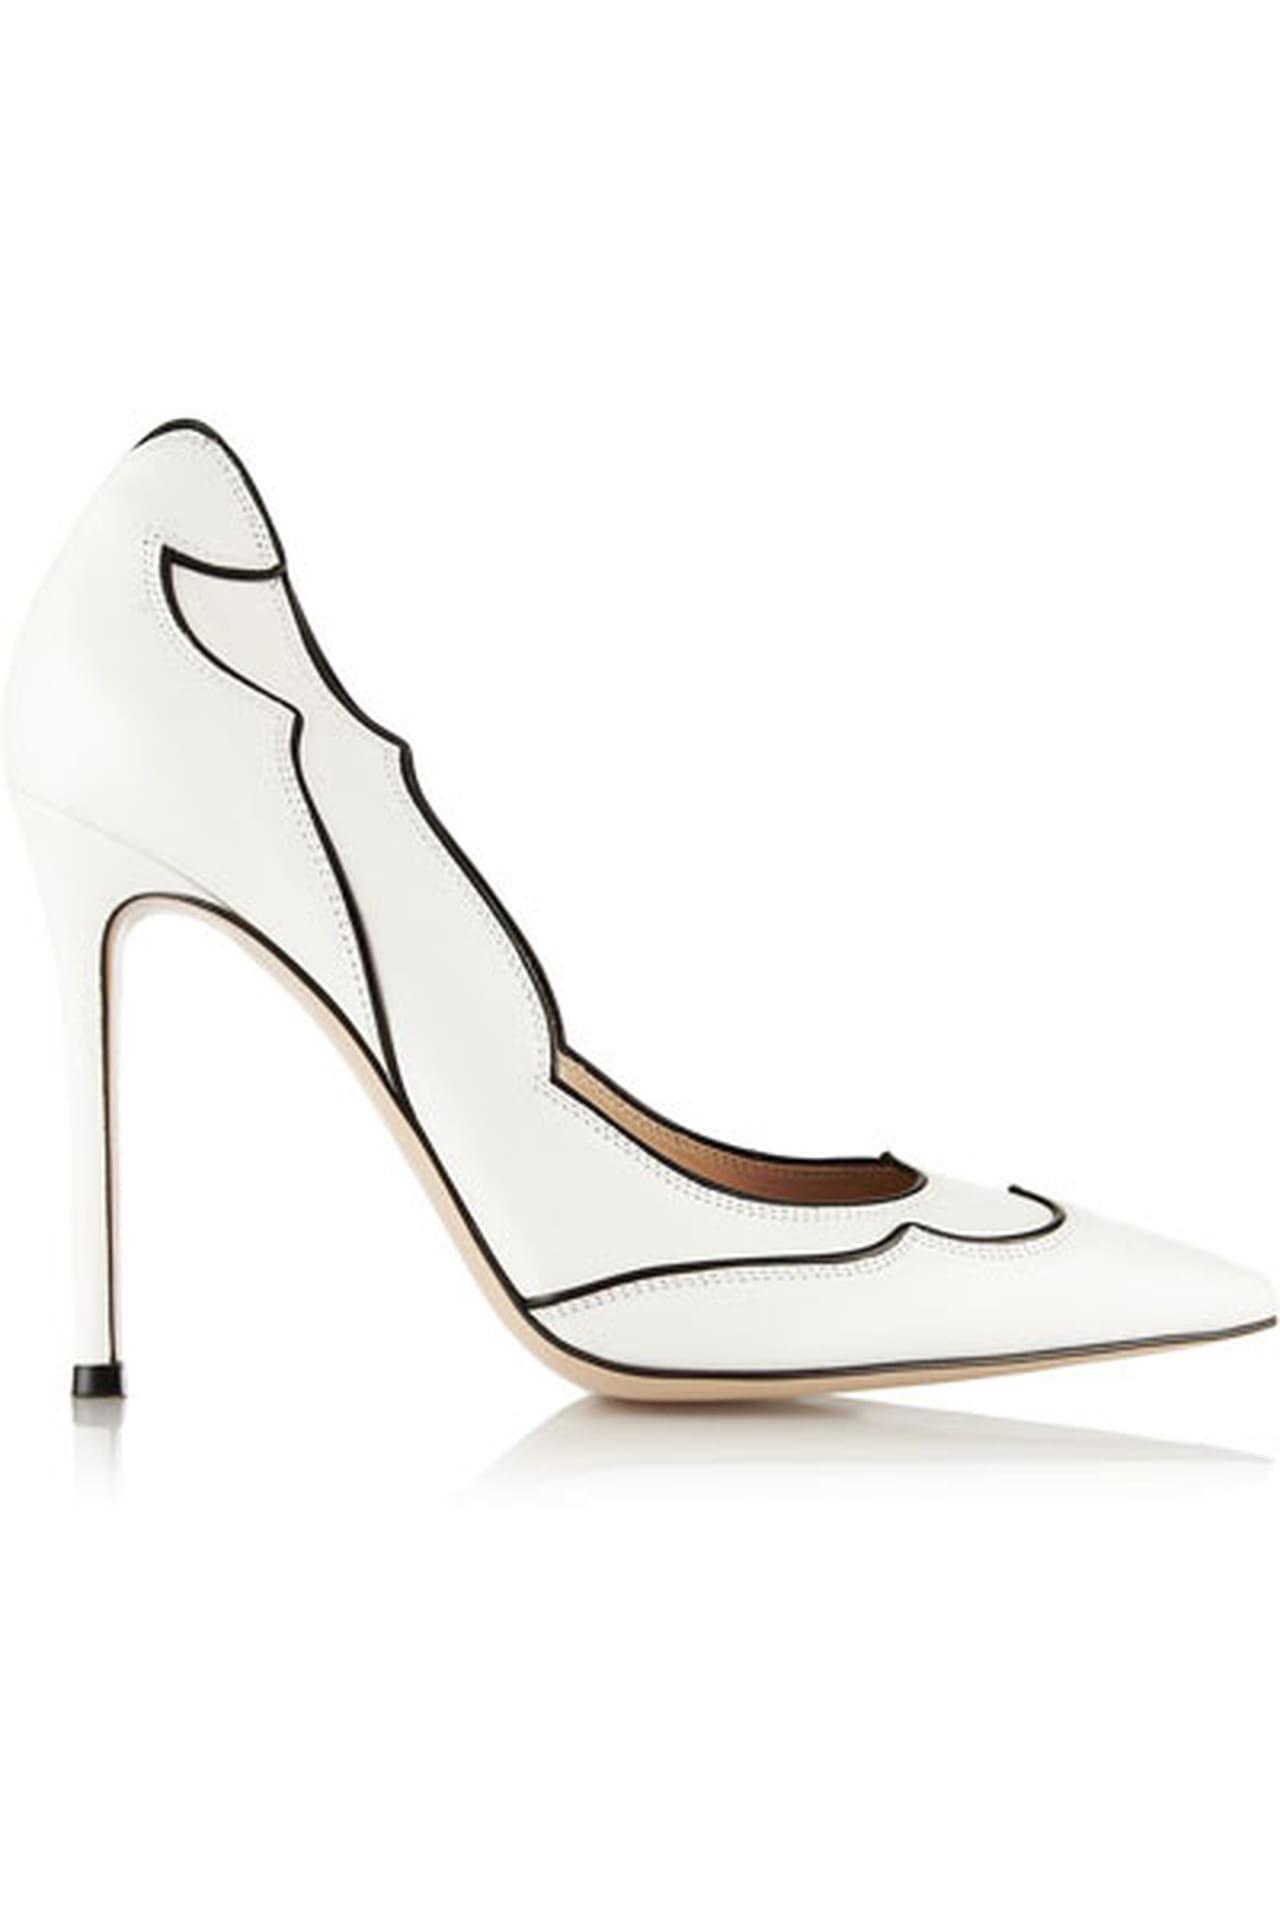 a44a9cc1e حذاء رقيق باللون الأبيض مزين في أطرافه بالأسود من جيانفيتو روسي Gianvito  Rossi.